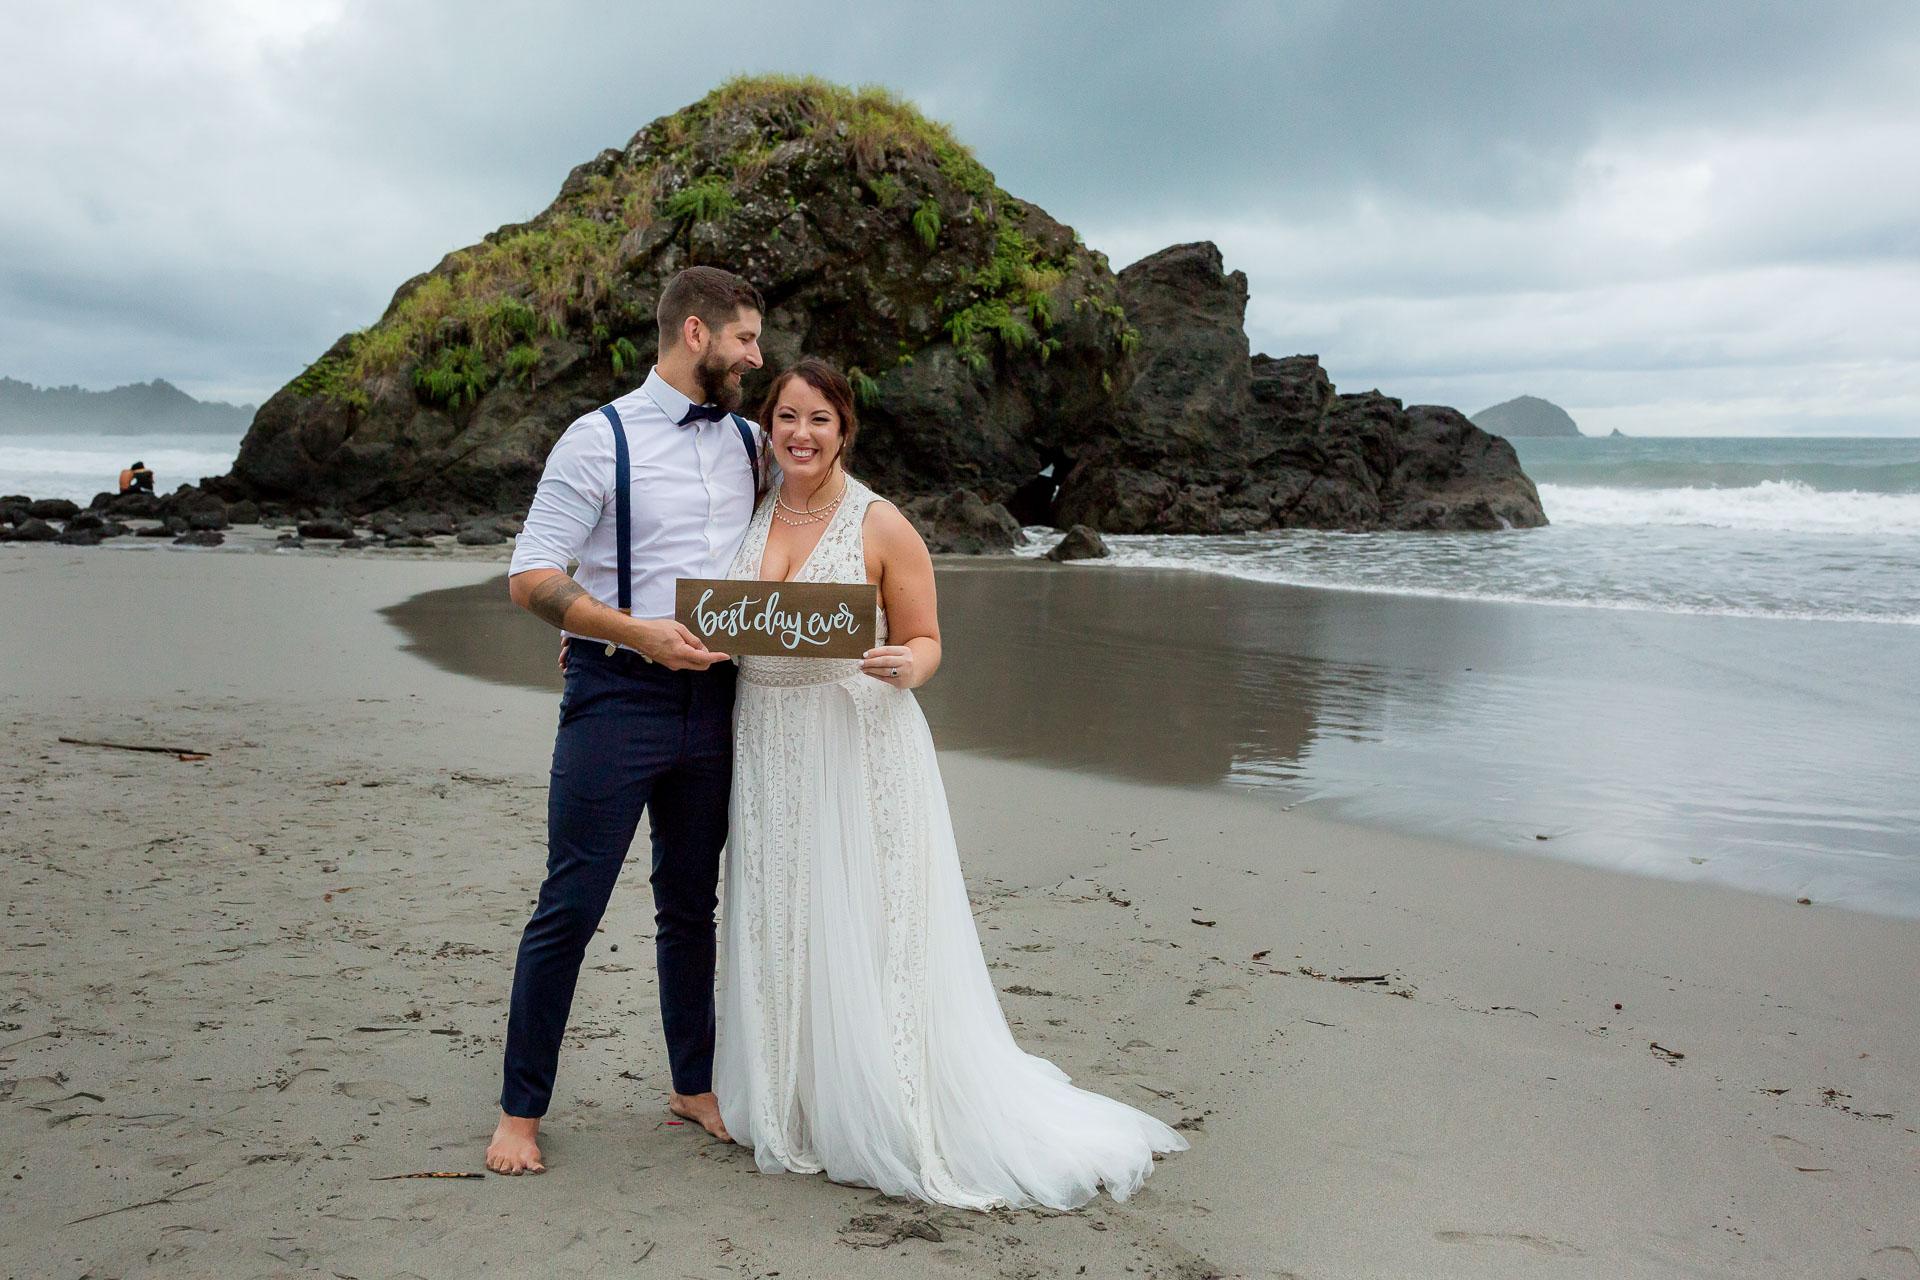 Manuel Antonio Beach Beach Elopement Couple Portrait - une photo avec un accessoire